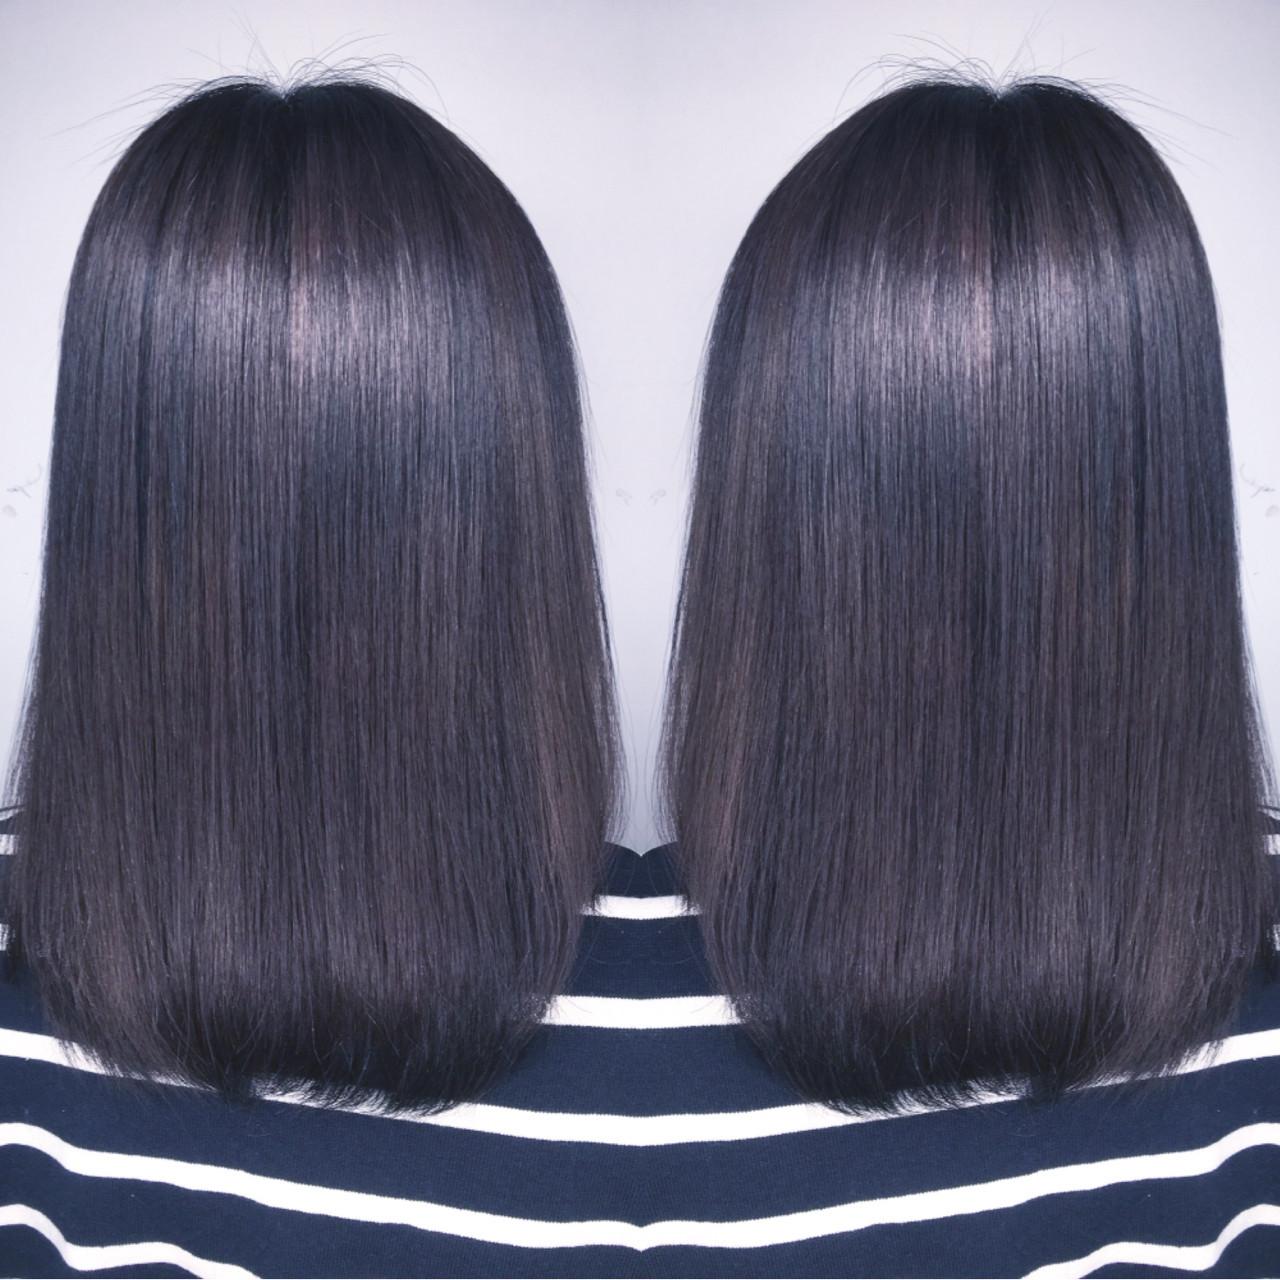 アッシュ ブルージュ ハイライト ミディアム ヘアスタイルや髪型の写真・画像